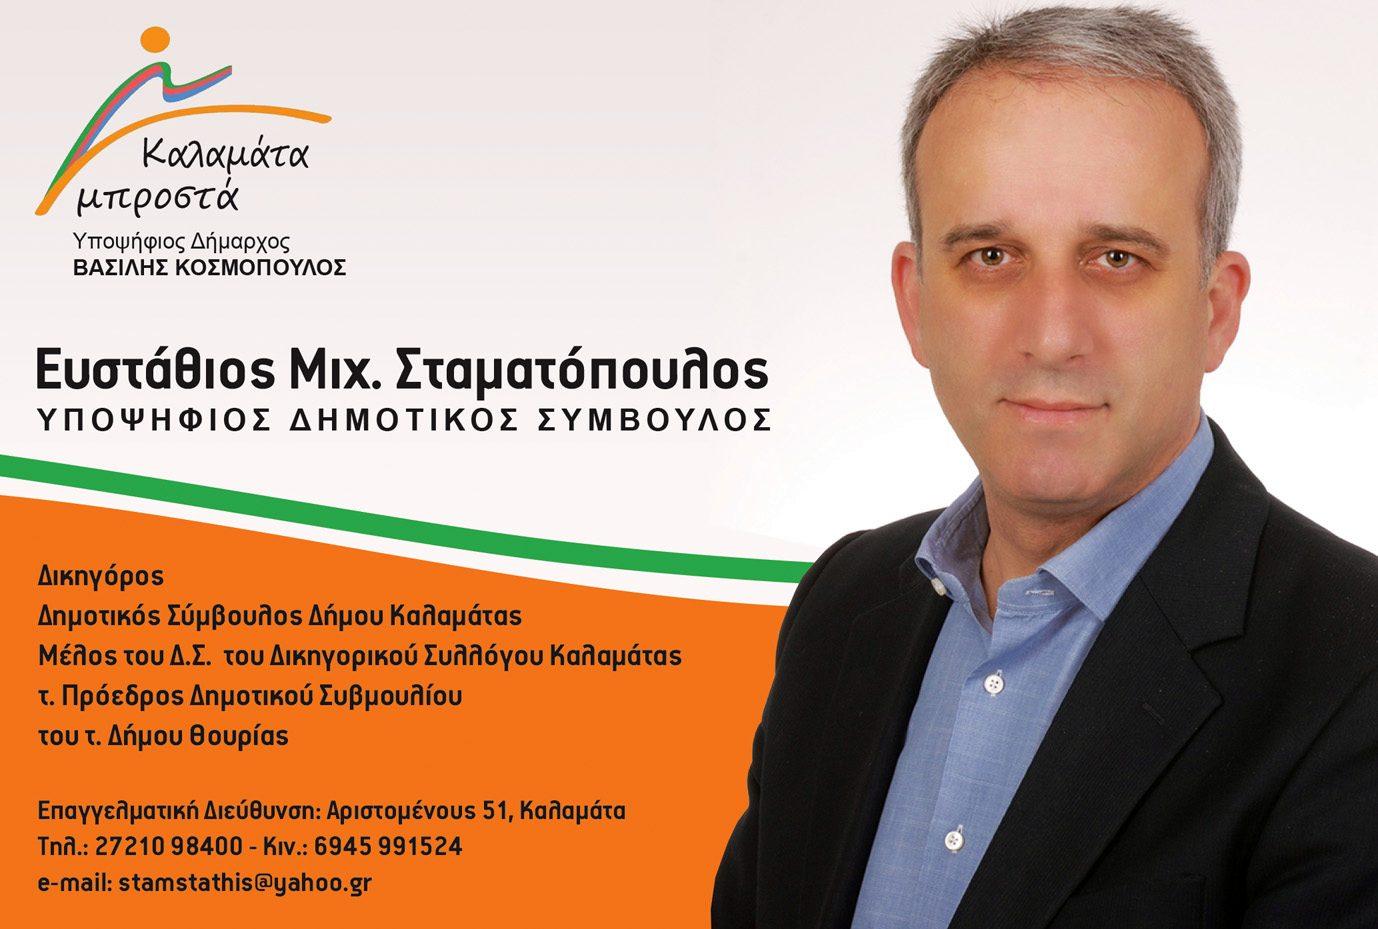 """""""Καλαμάτα Μπροστά"""": Υποψήφιος Δημοτικός σύμβουλος ο Στάθης Σταματόπουλος"""